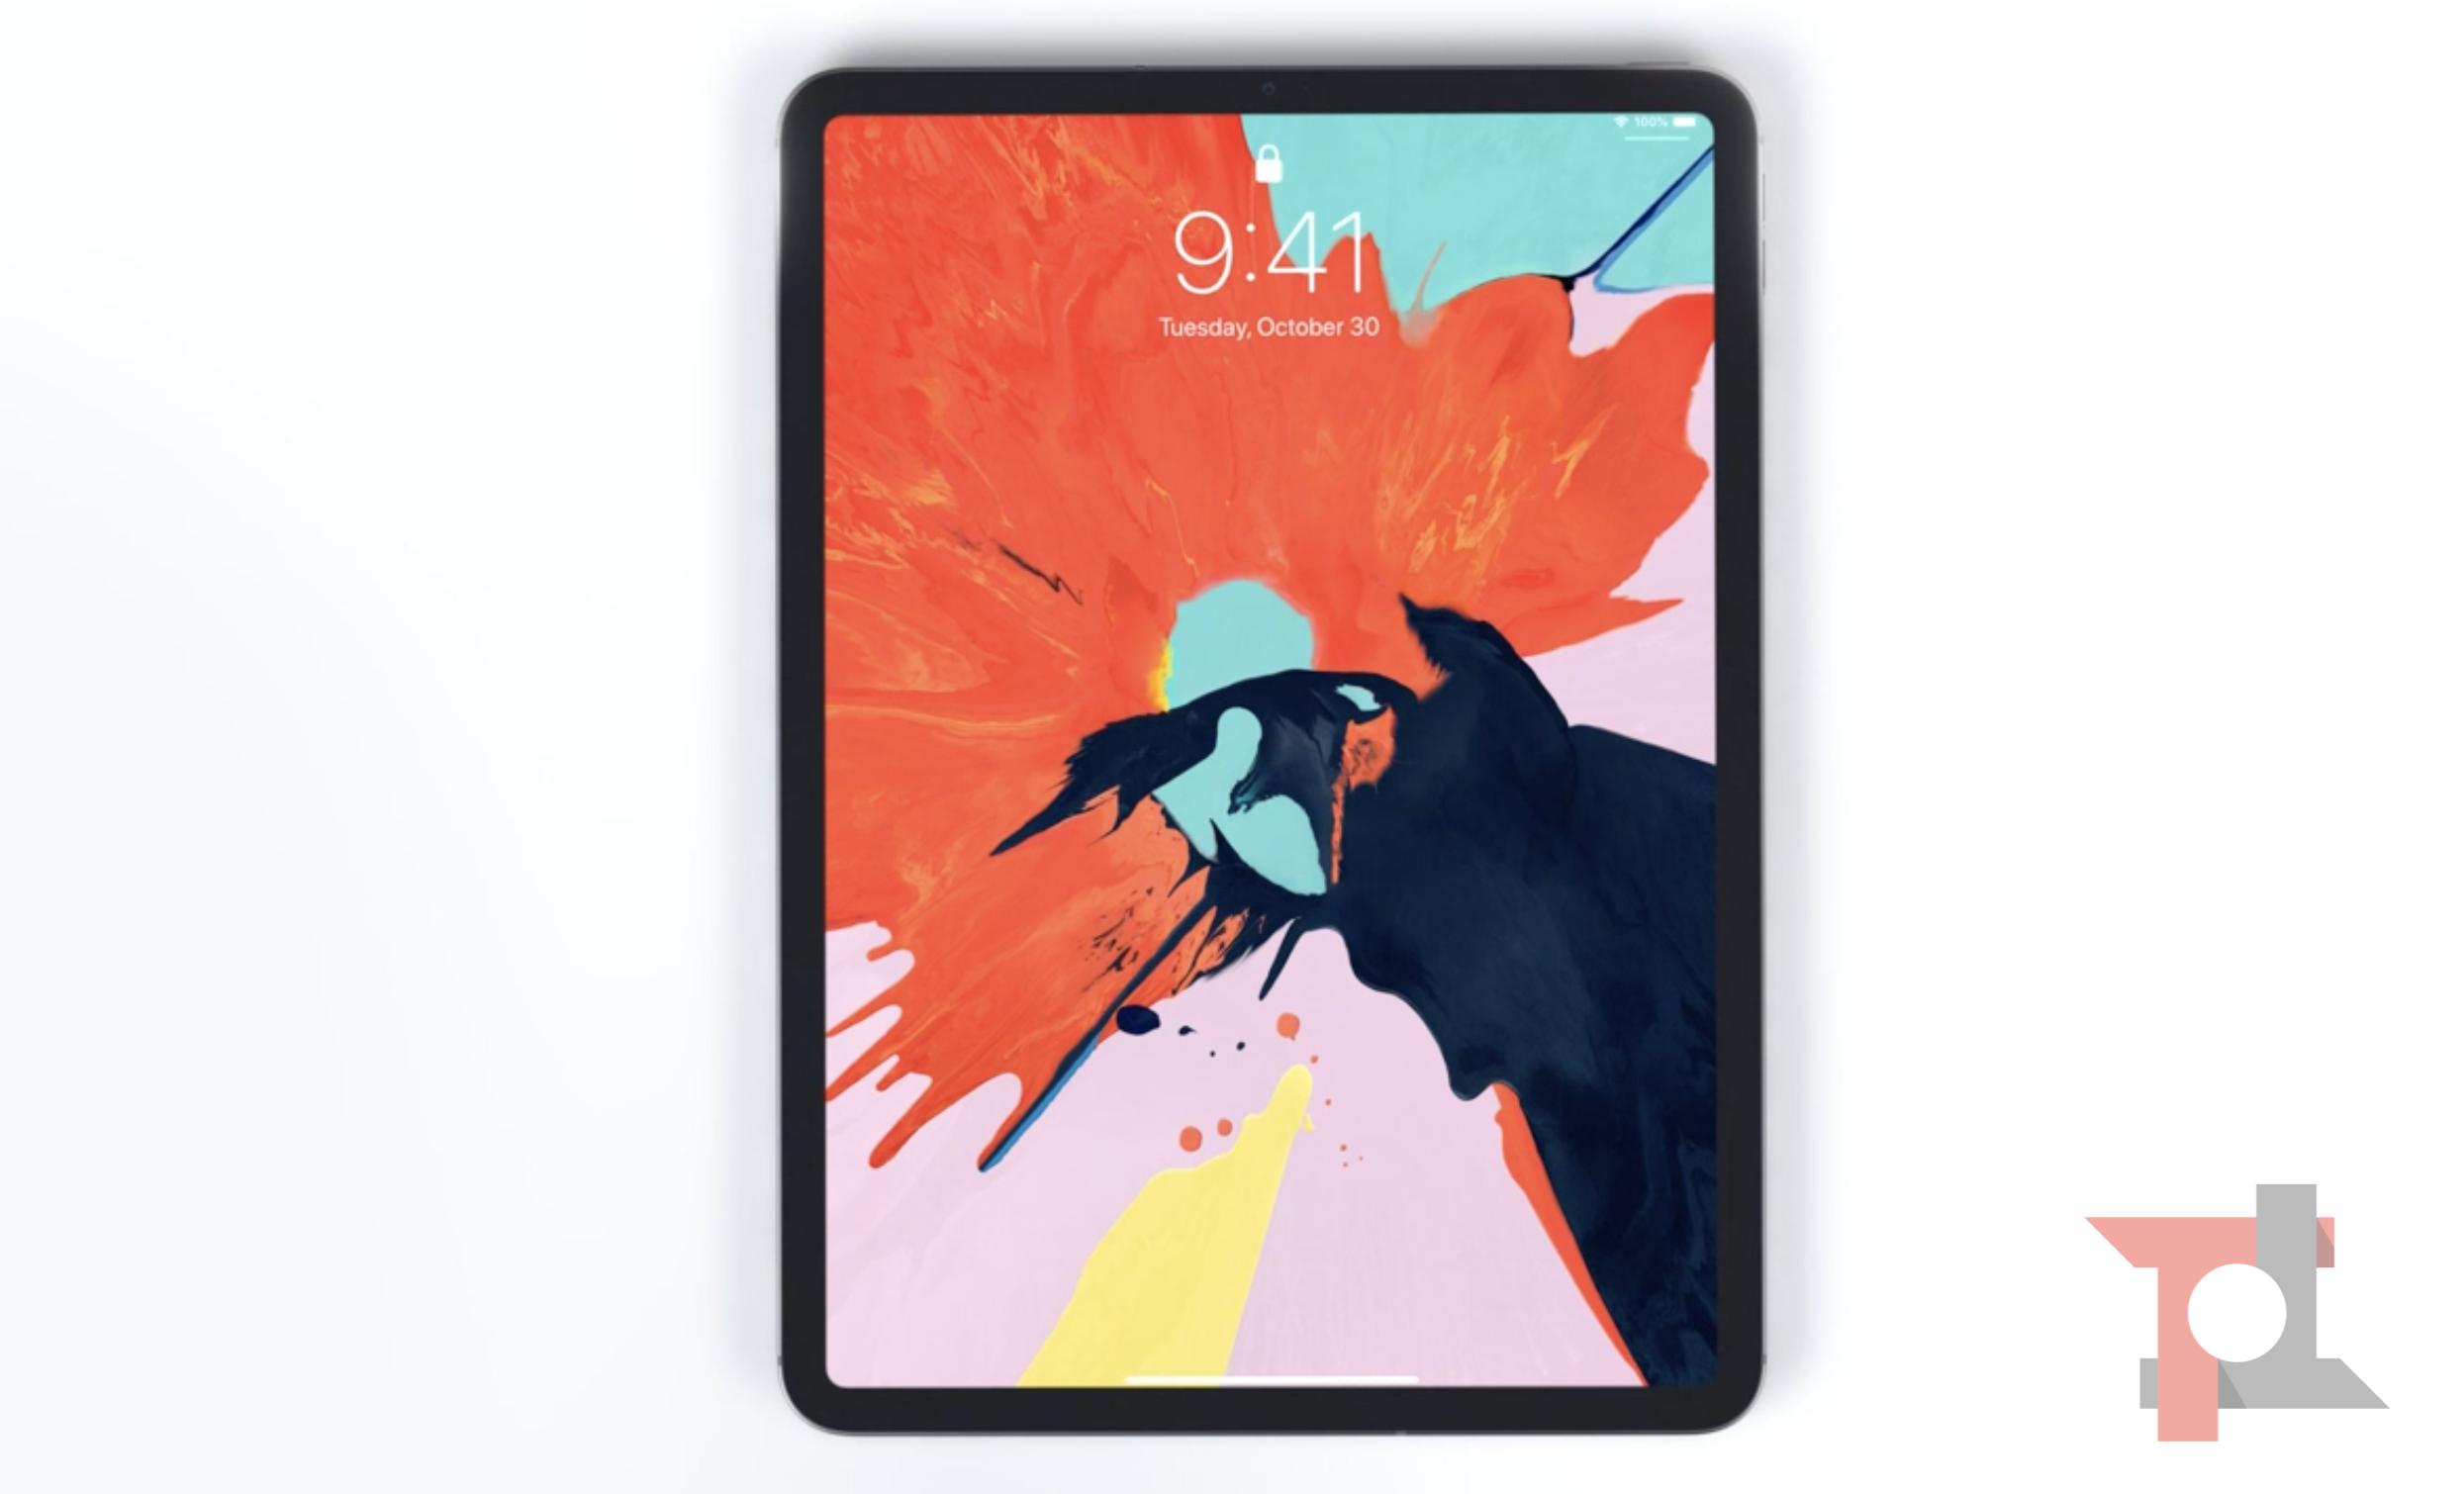 Le parole di Jony Ive sul design dei nuovi iPad Pro 2